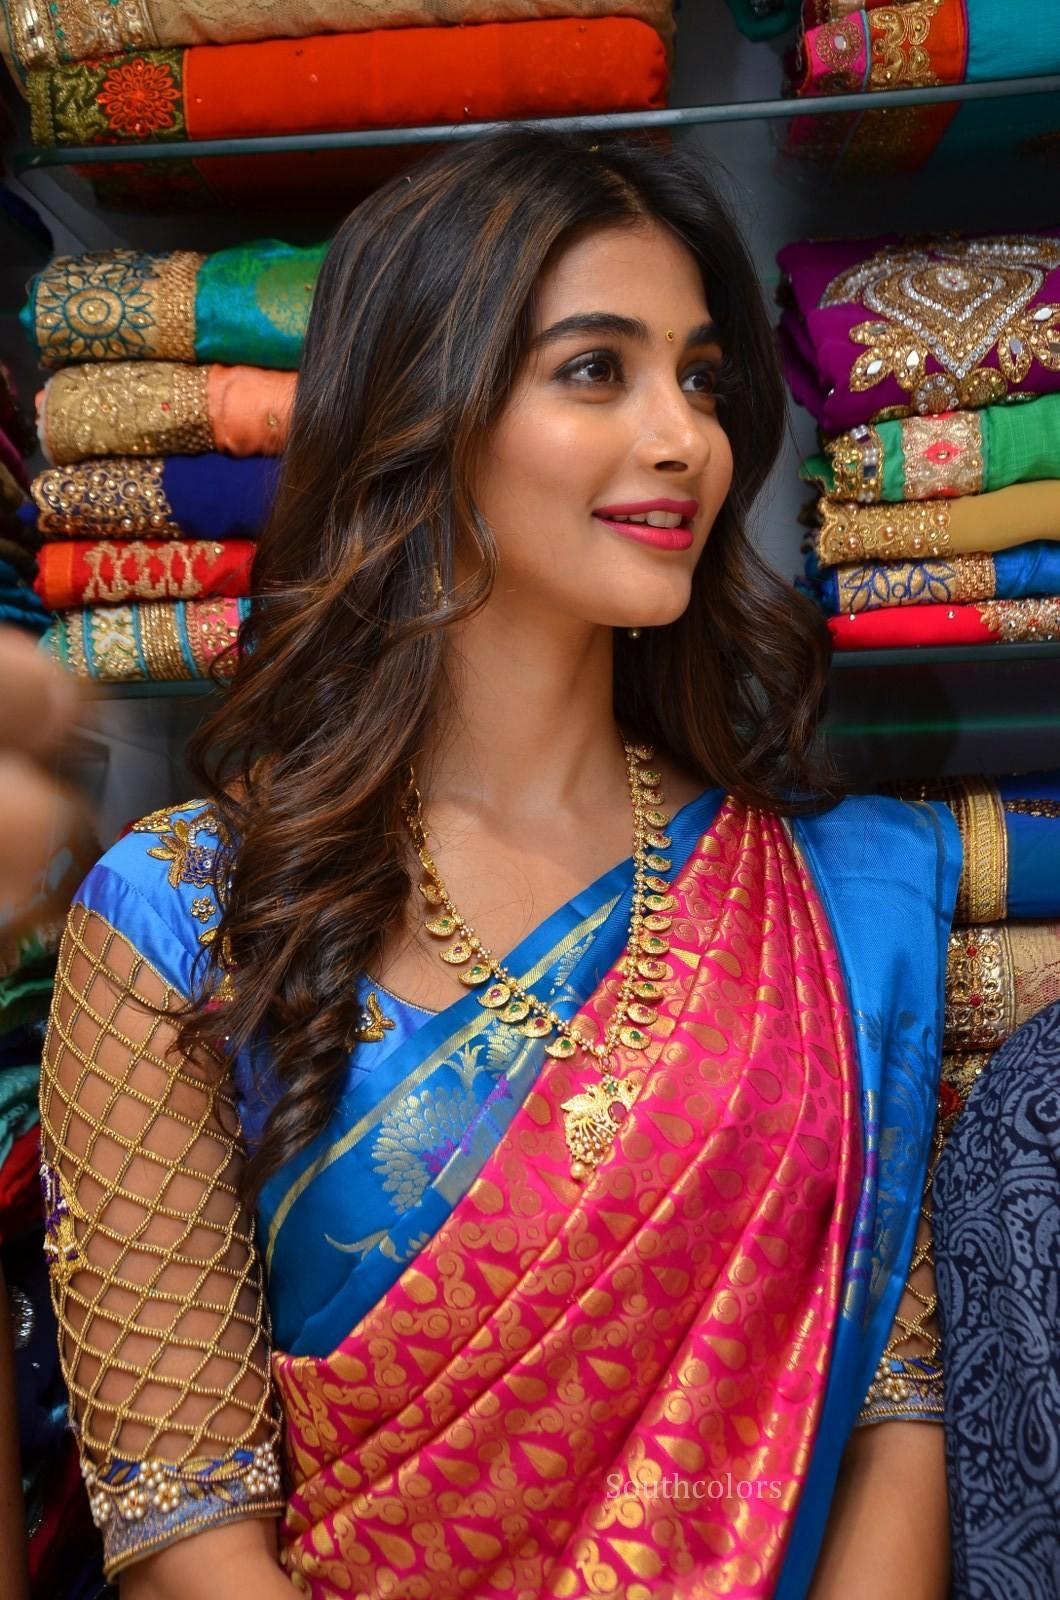 pooja hegde traditional saree photos southcolors 17